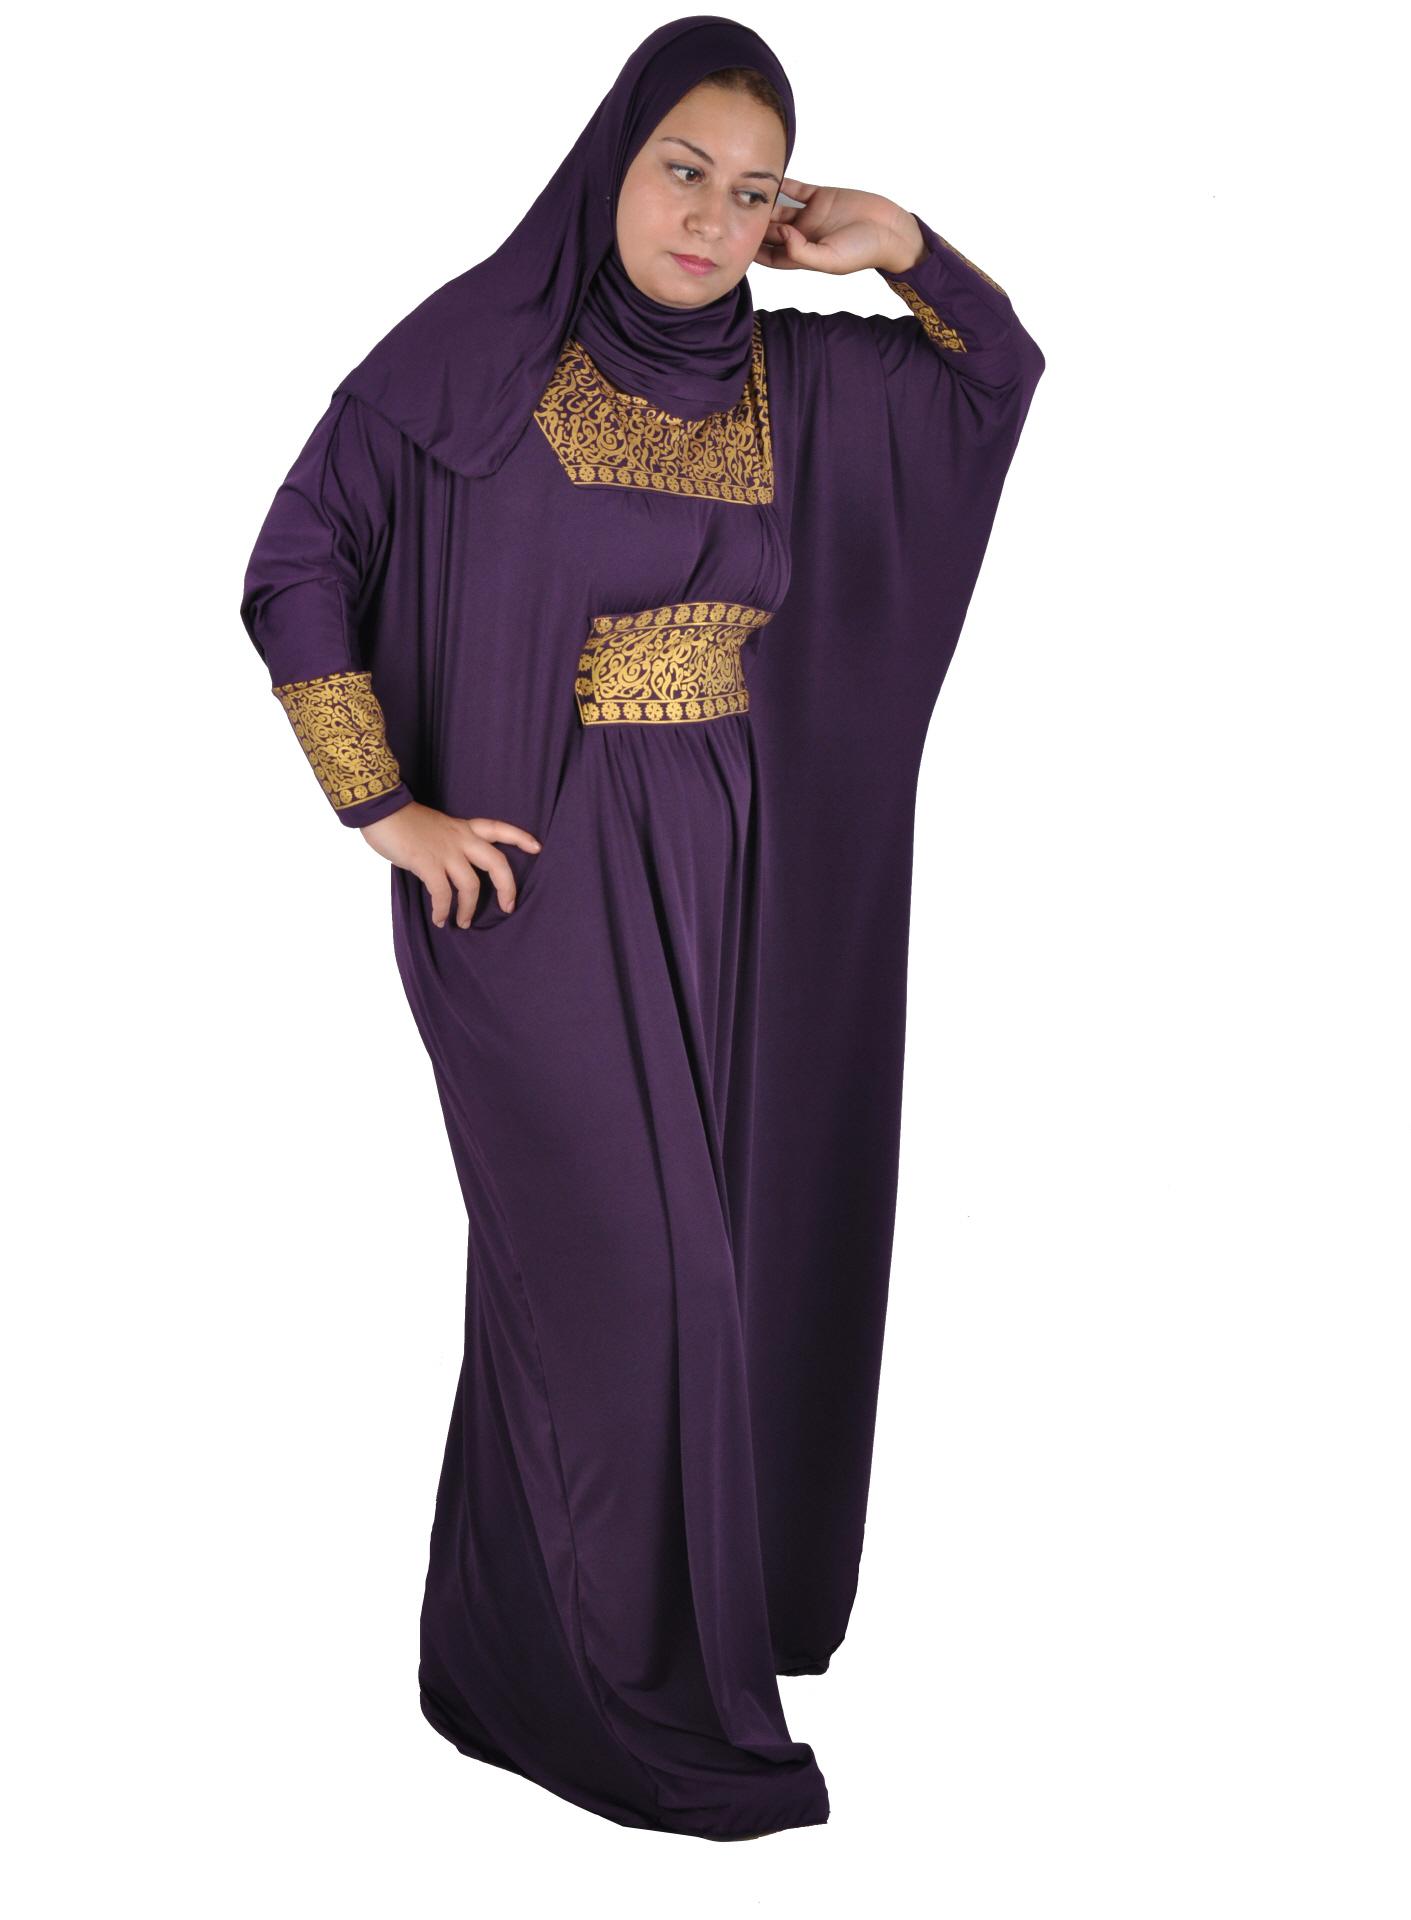 islamische kleidung fur frauen online stylische kleider f r jeden tag. Black Bedroom Furniture Sets. Home Design Ideas